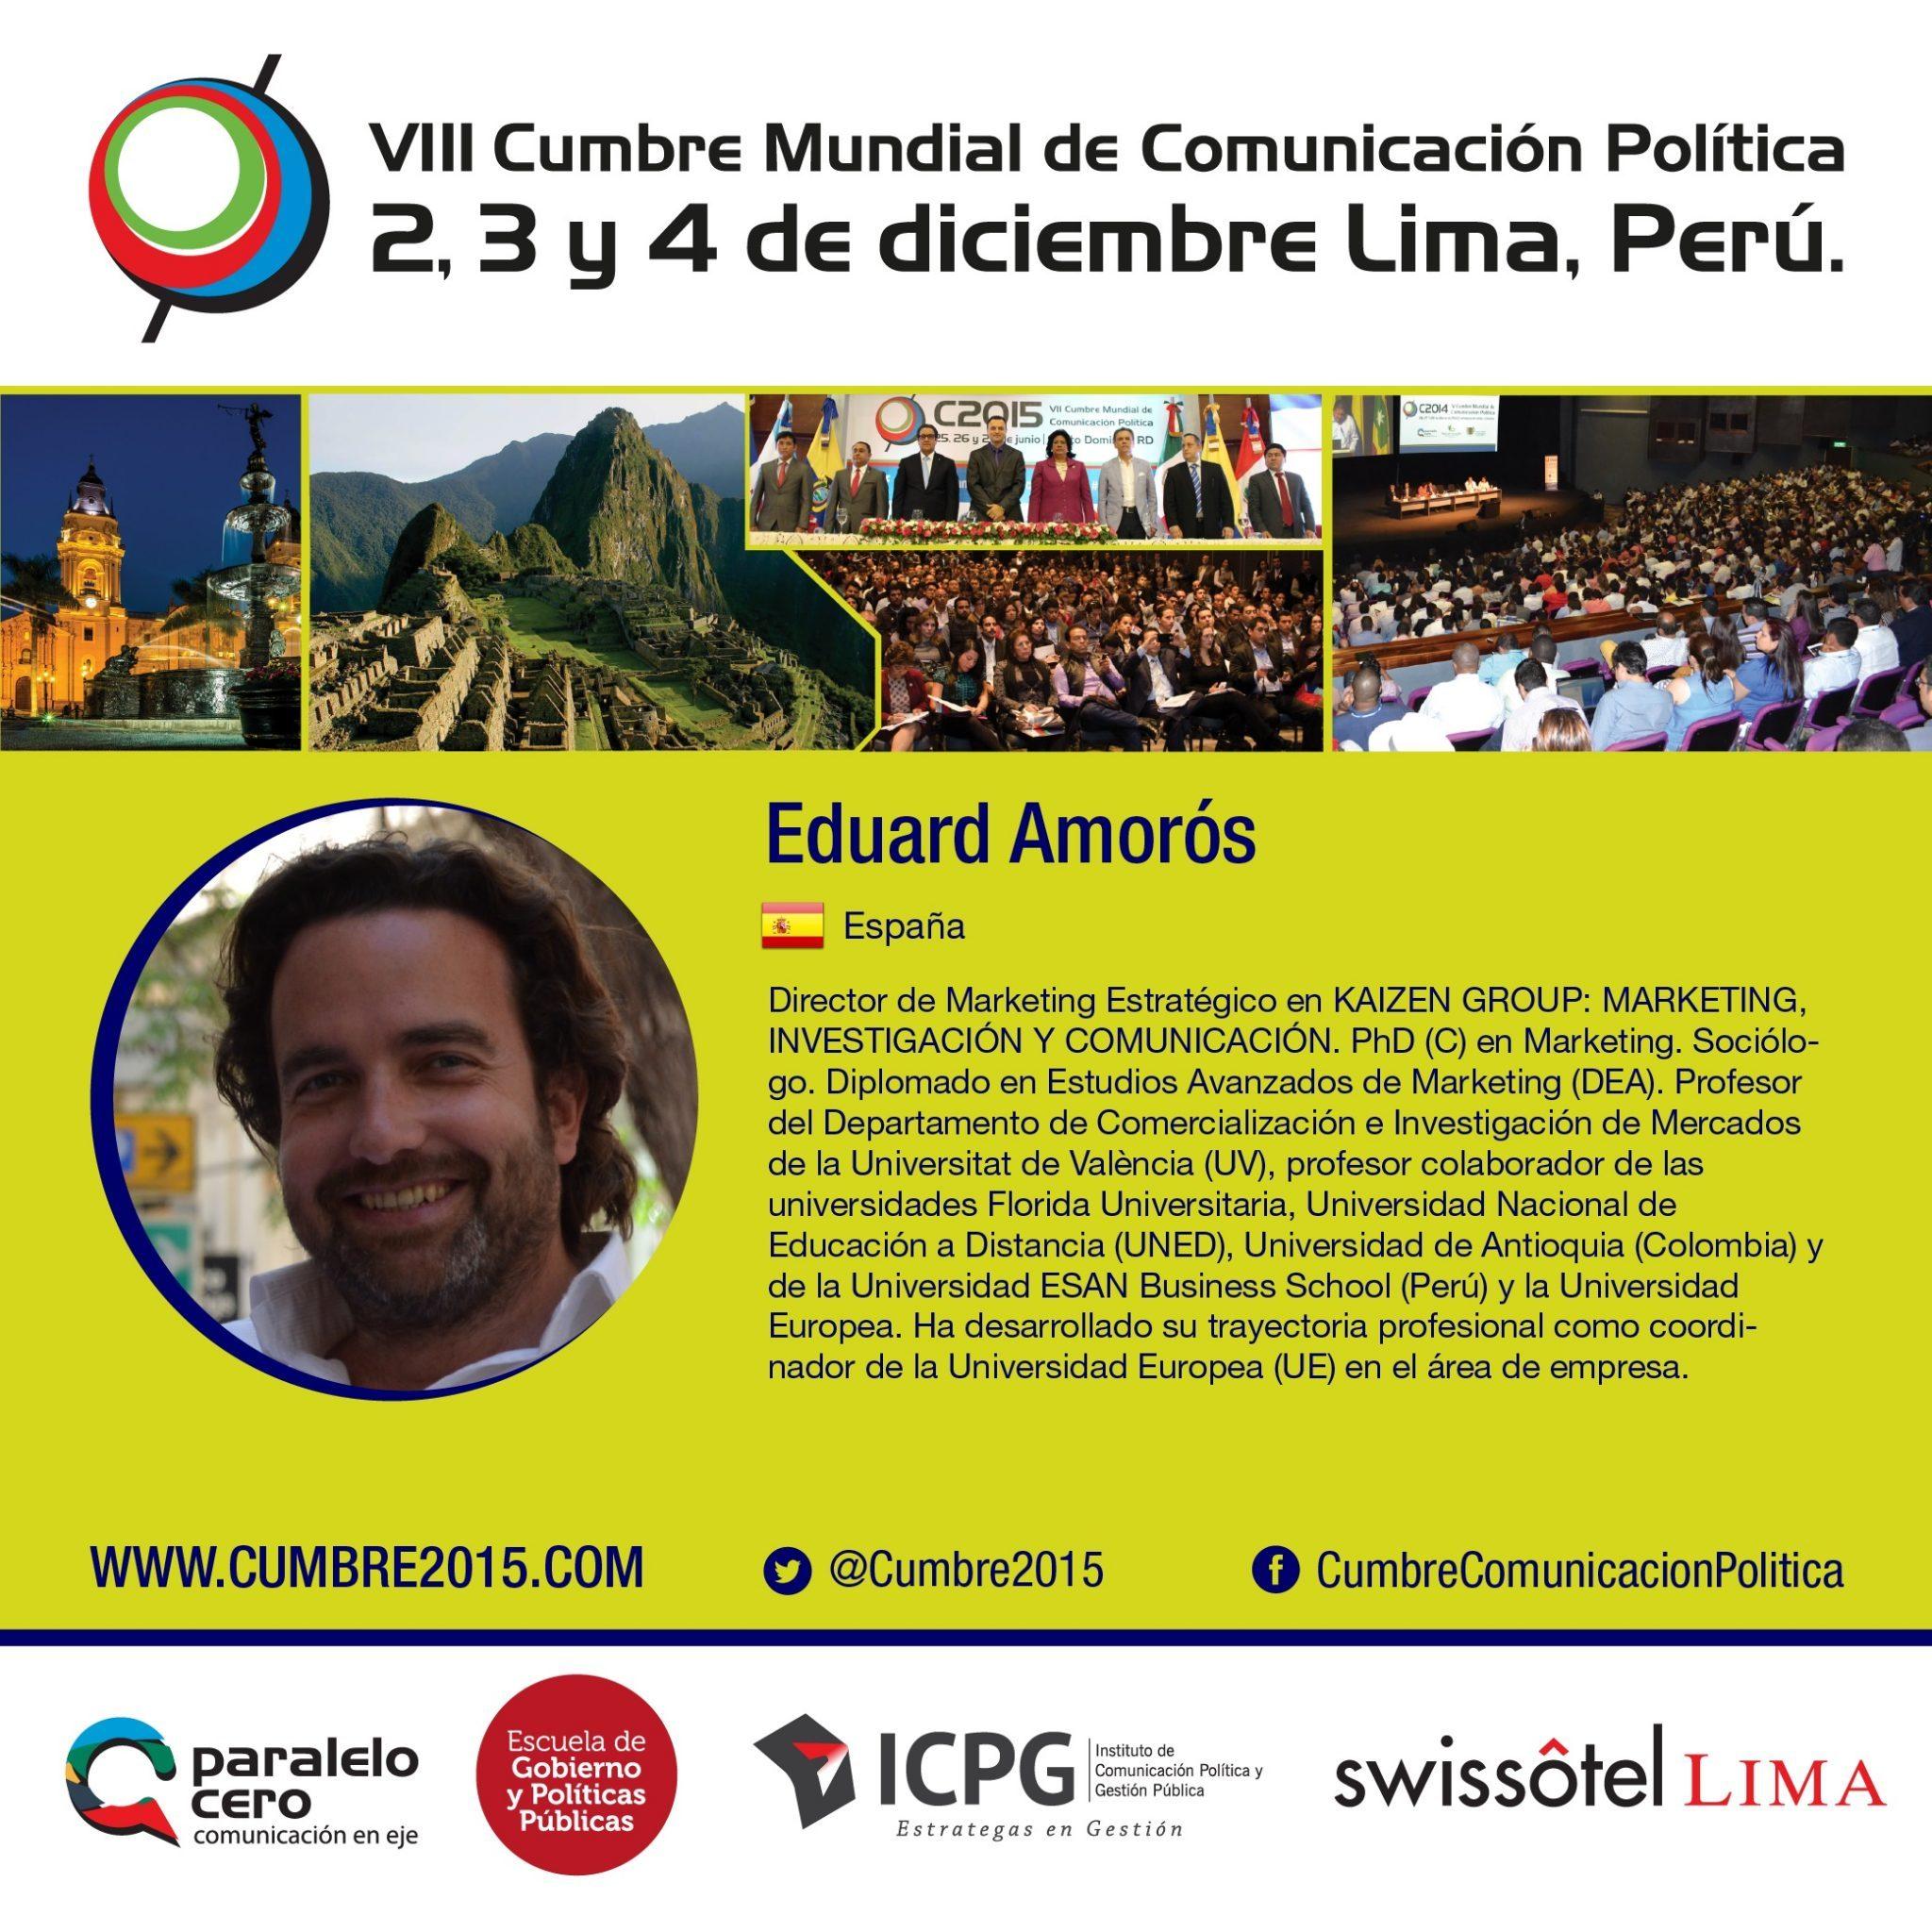 Cumbre Mundial de Comunicación Política